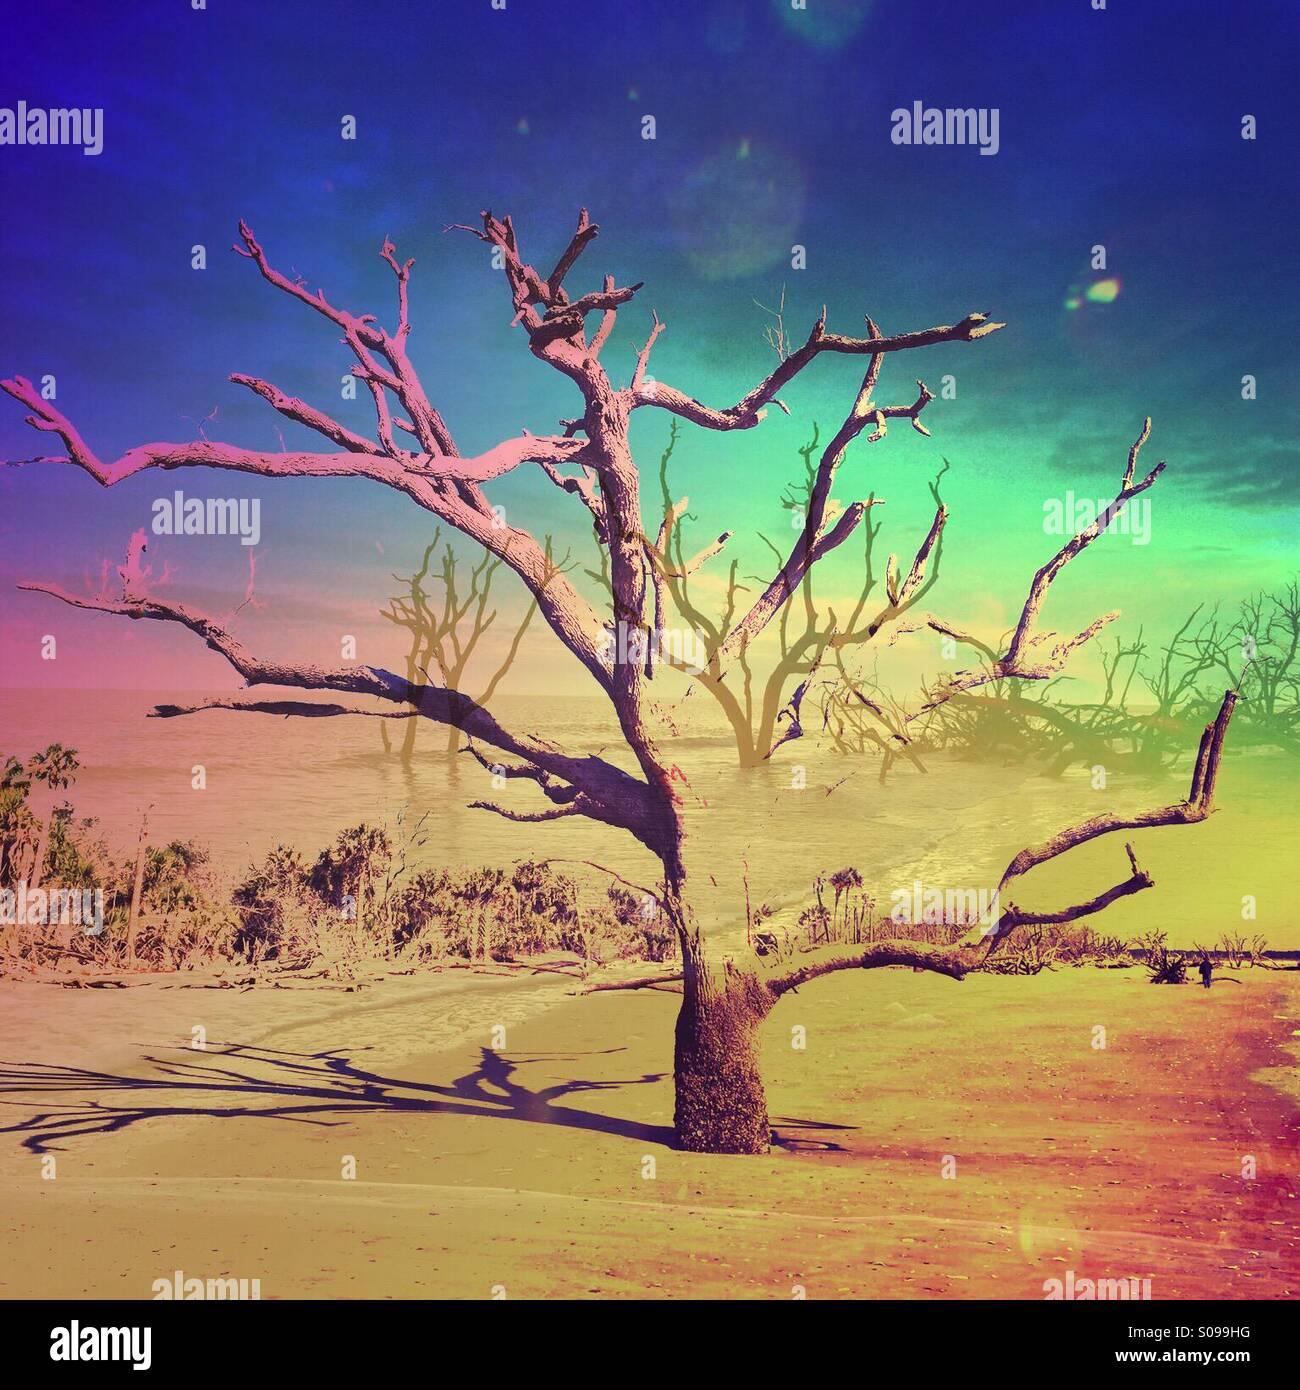 Dies ist eine Doppelbelichtung zwei verschiedene Bilder von Bäumen mit einem sehr bunten Himmel und Brad Boden. Stockbild